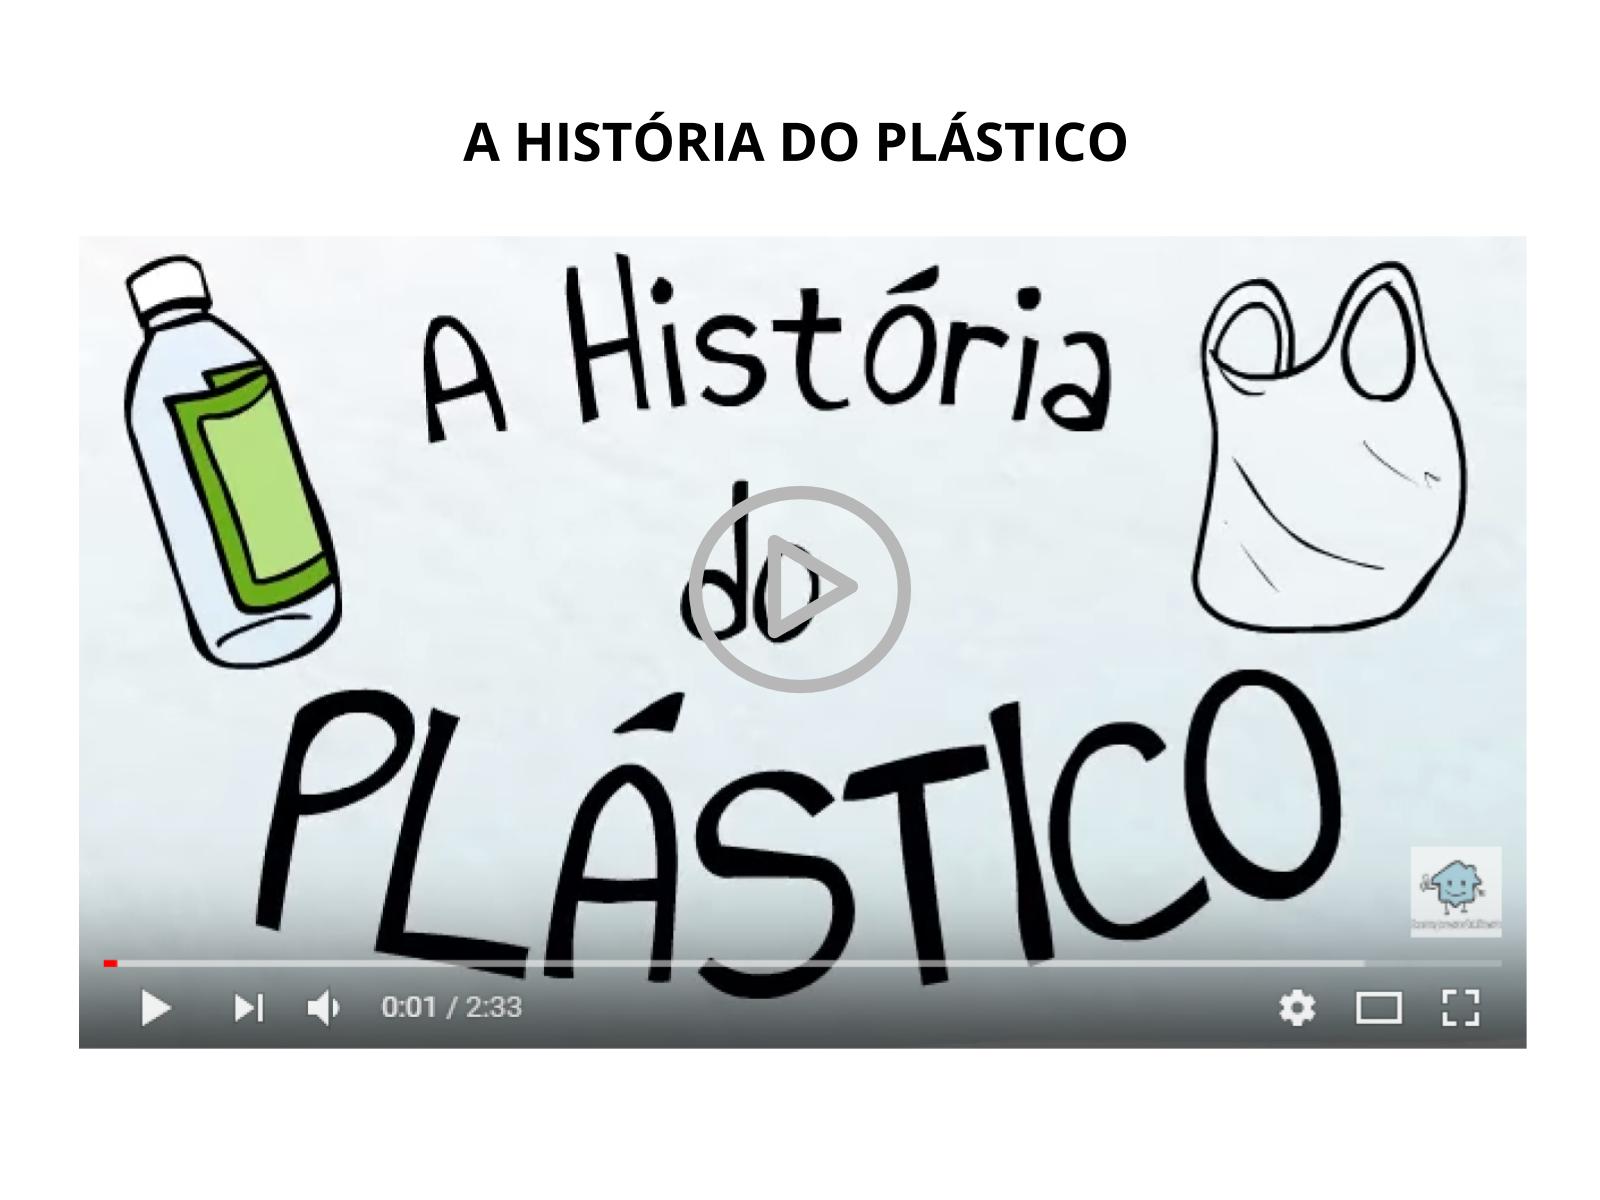 O plástico